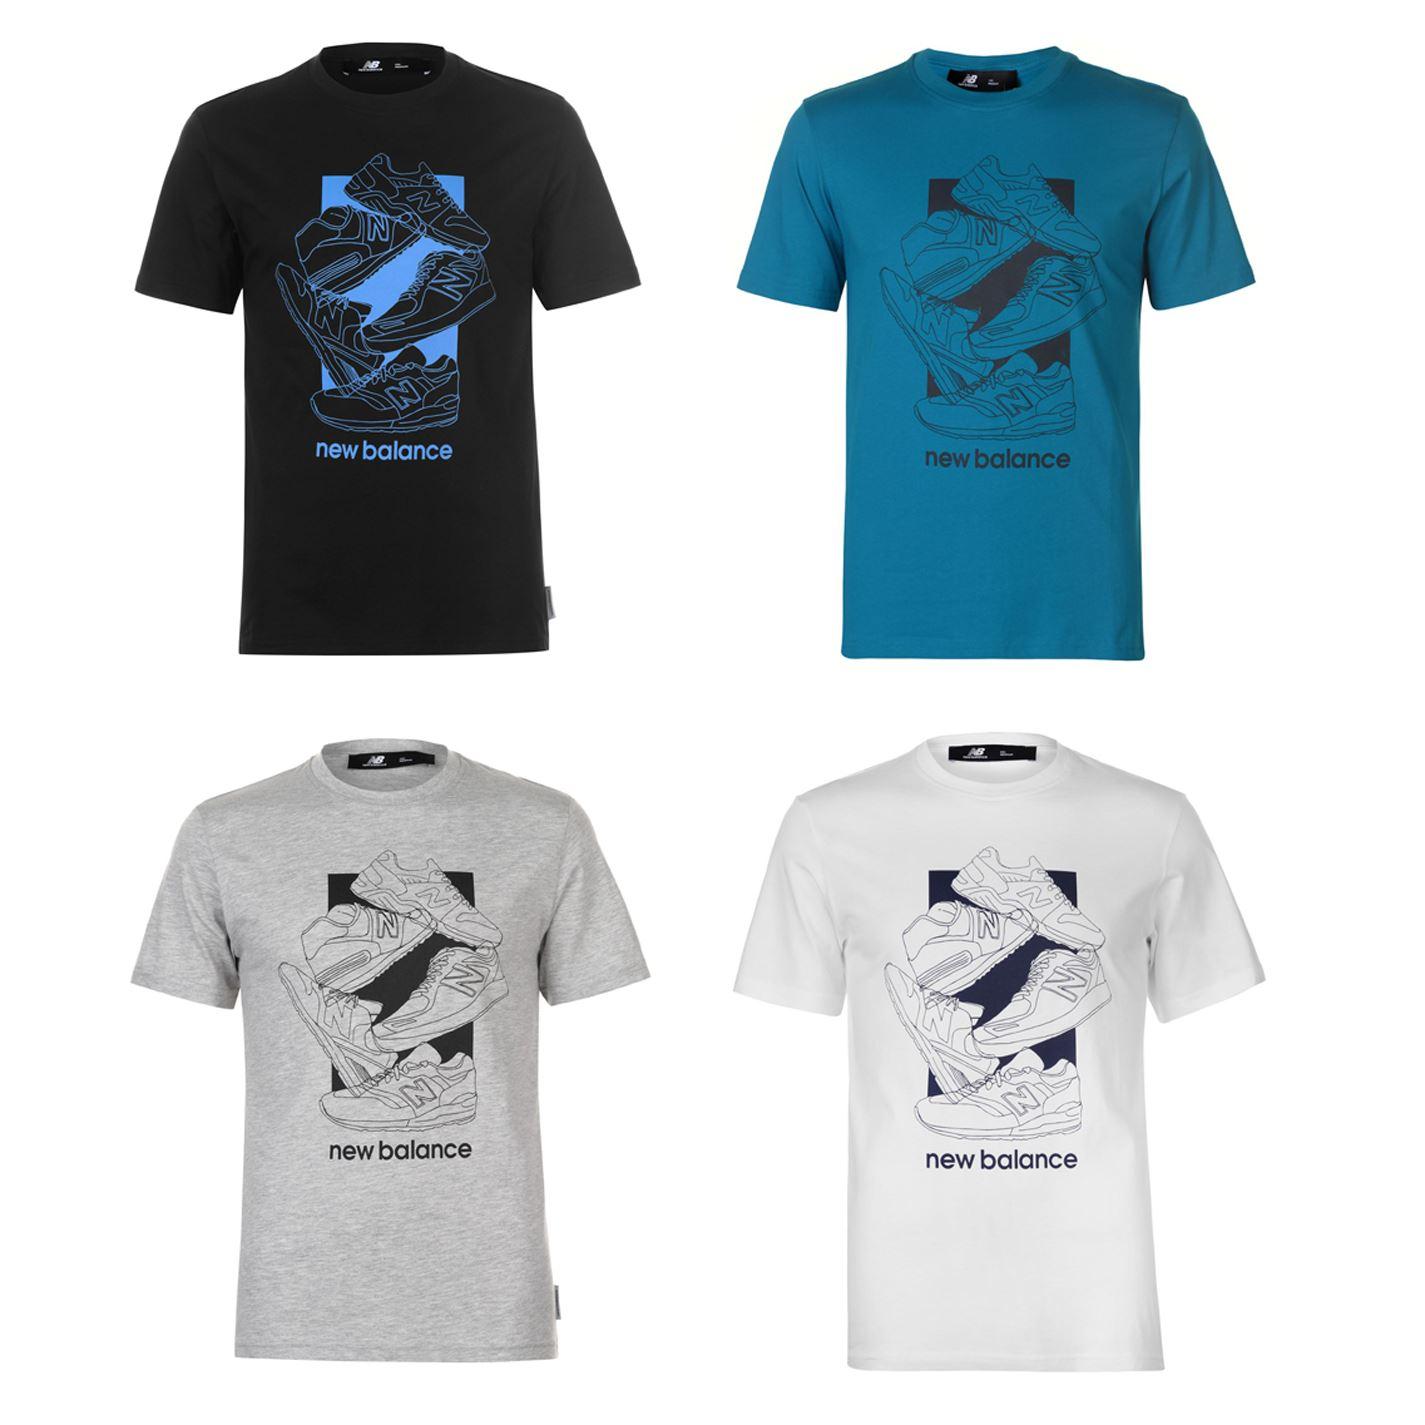 080c4629f Details about New Balance 5 Shoe QTT T-Shirt Mens Tee Shirt Top